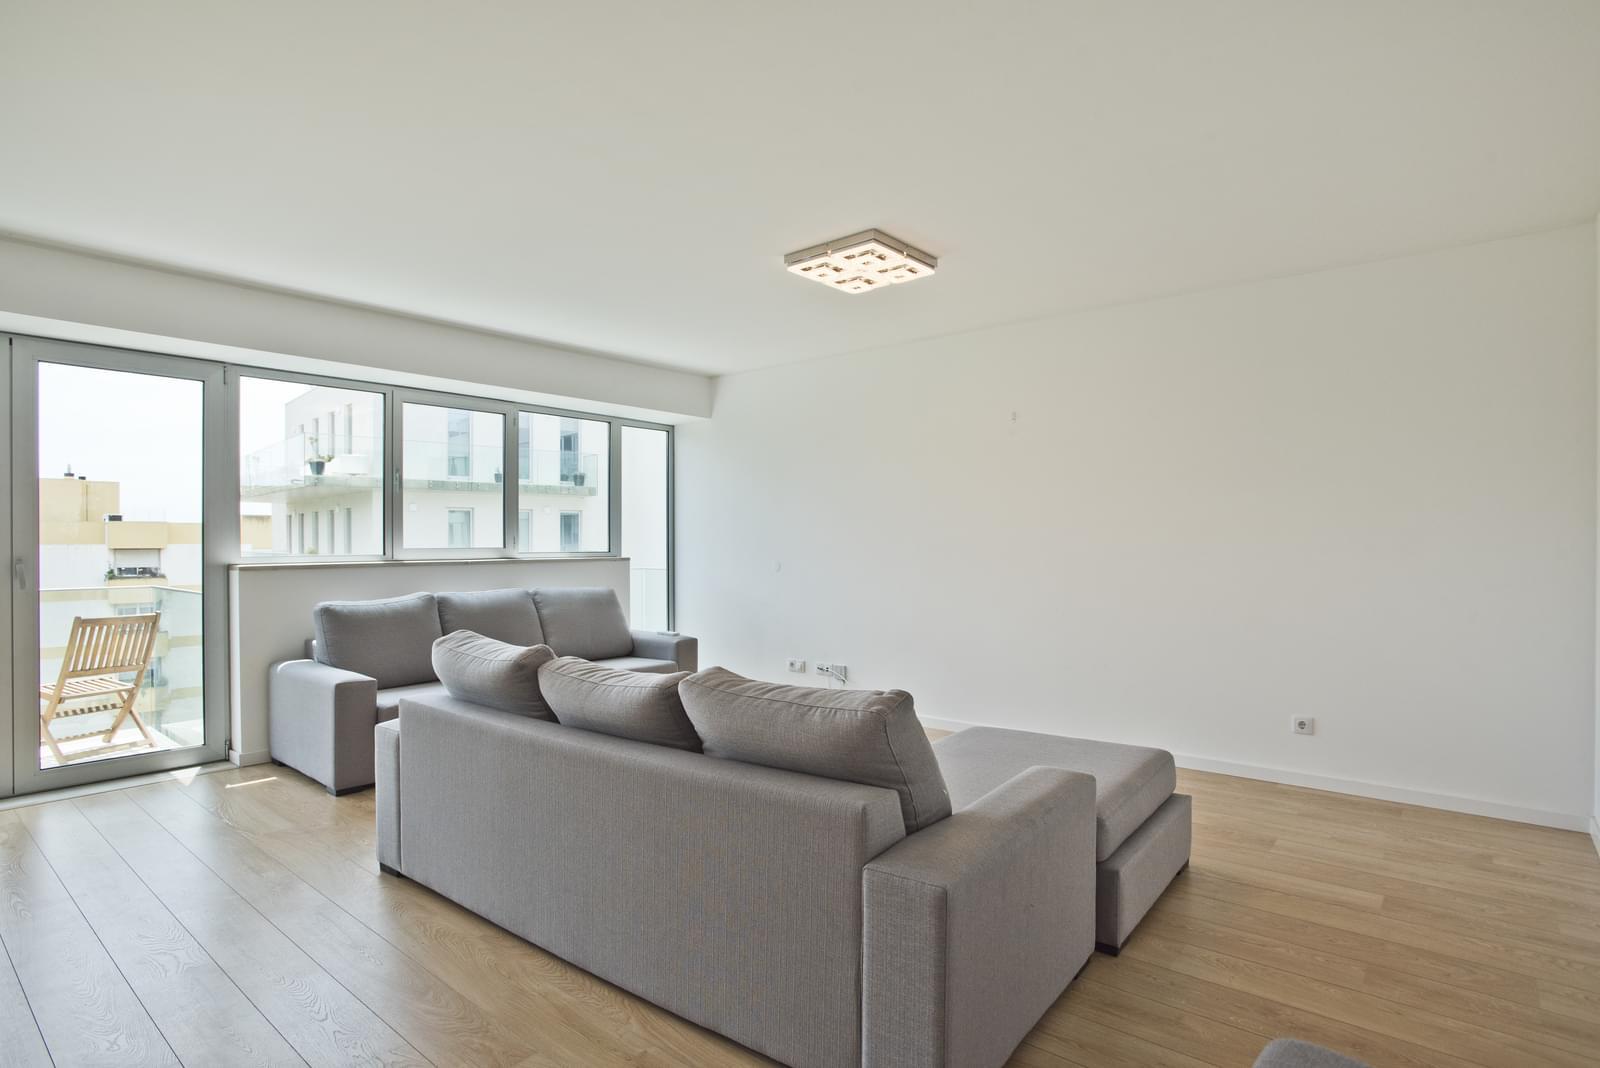 pf13975-apartamento-t4-oeiras-dcb36b1c-f736-4099-8736-edef95053110